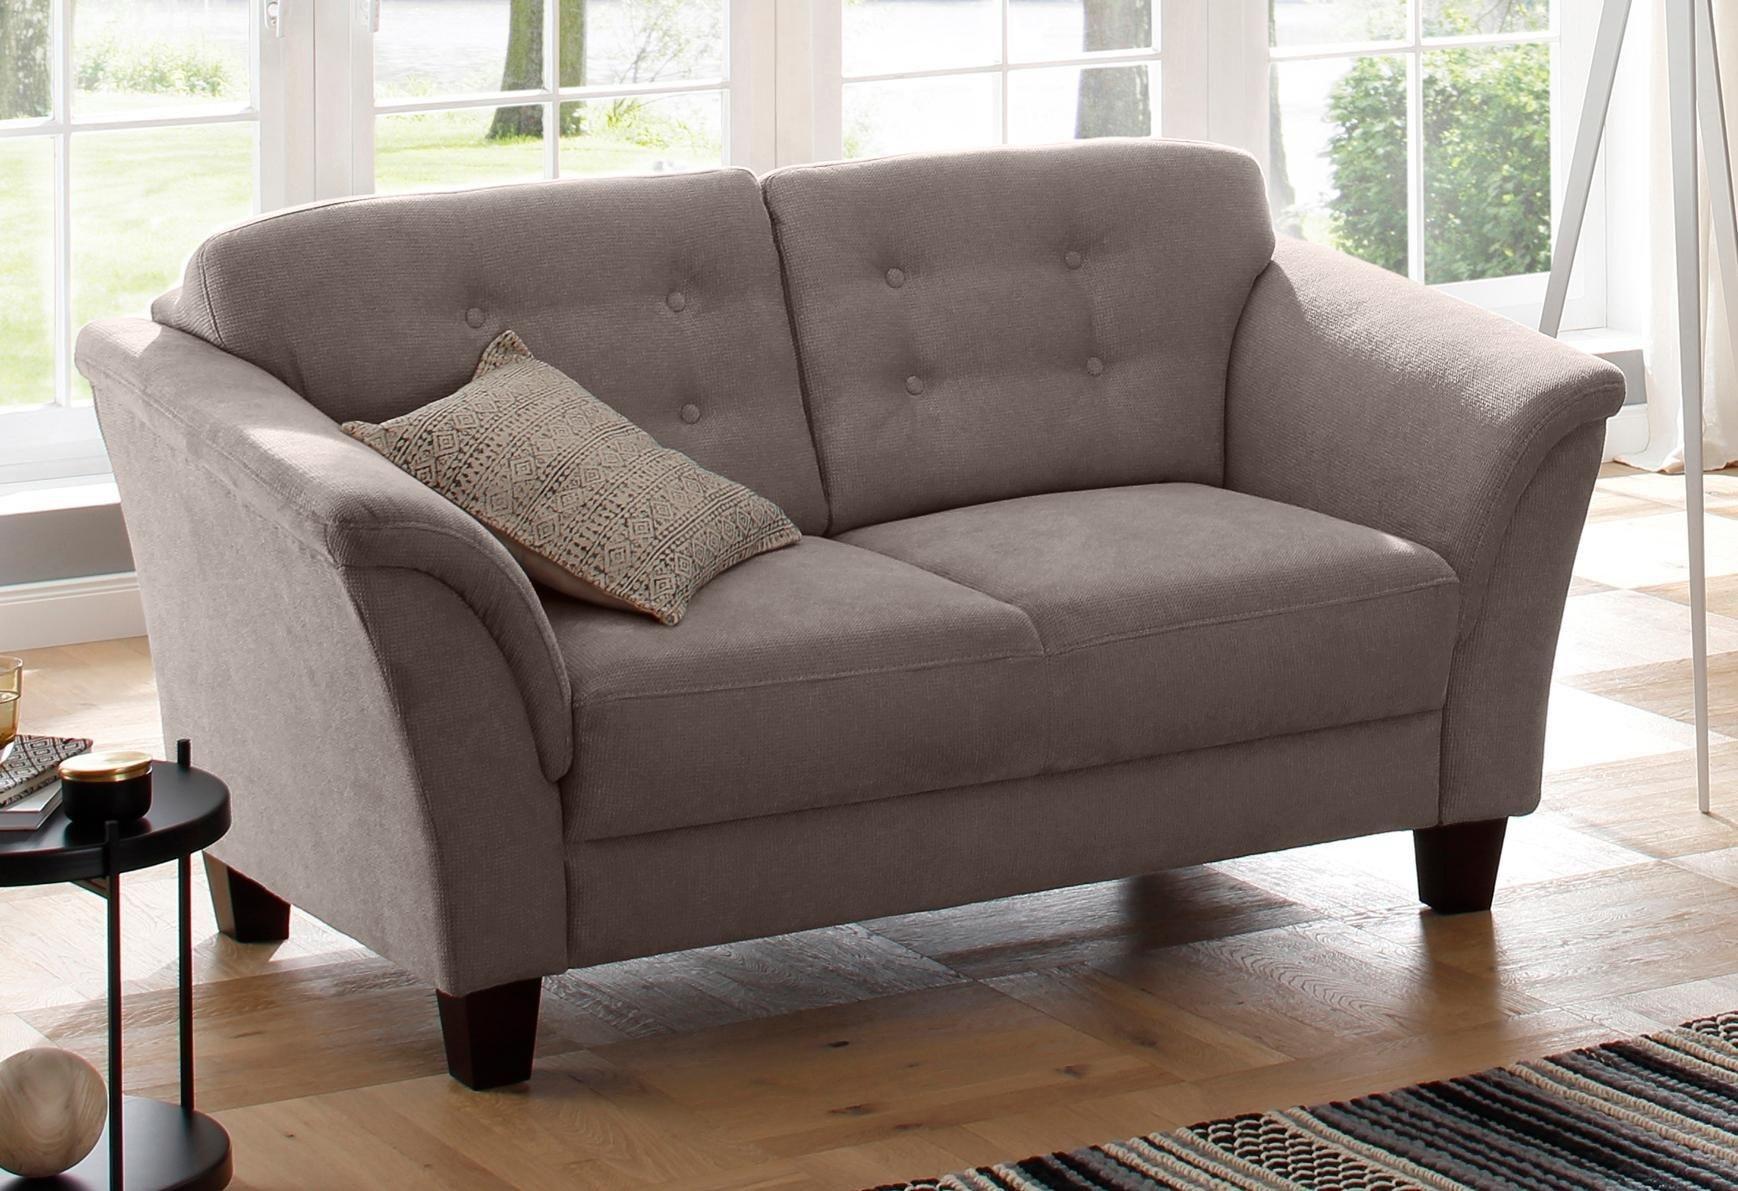 Gunstig Big Sofa Kaufen Sofa Online Bestellen Sofort Lieferbar Couch Billig Online Schone Gunstige Sofas Ecksofa Leder Br Haus Gunstige Sofas Haus Deko